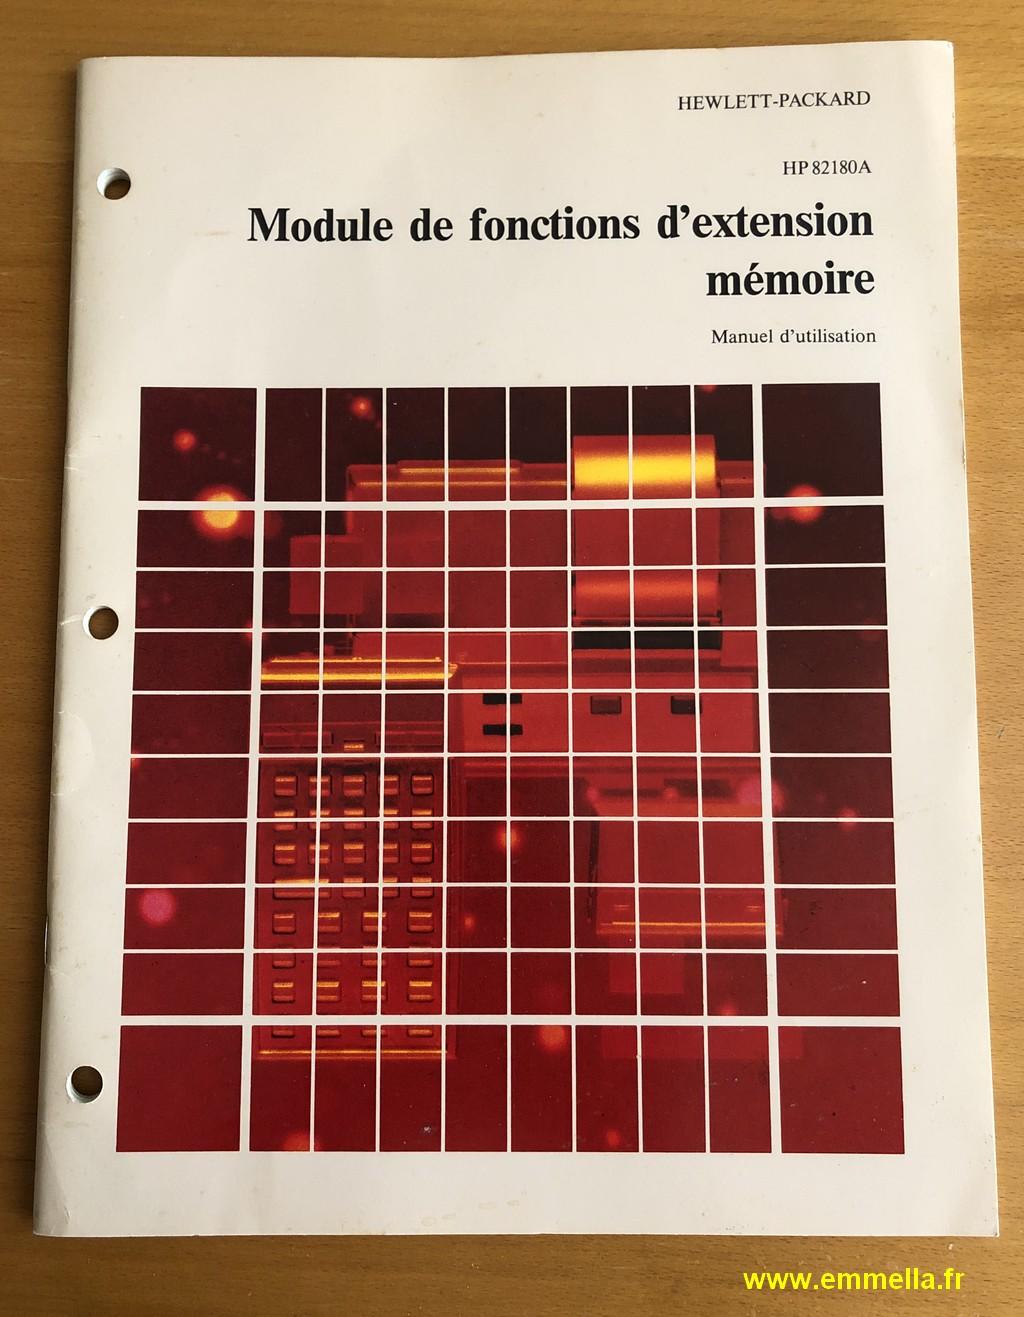 Module X-Functions pour Hewlett-Packard HP-41 C/CV